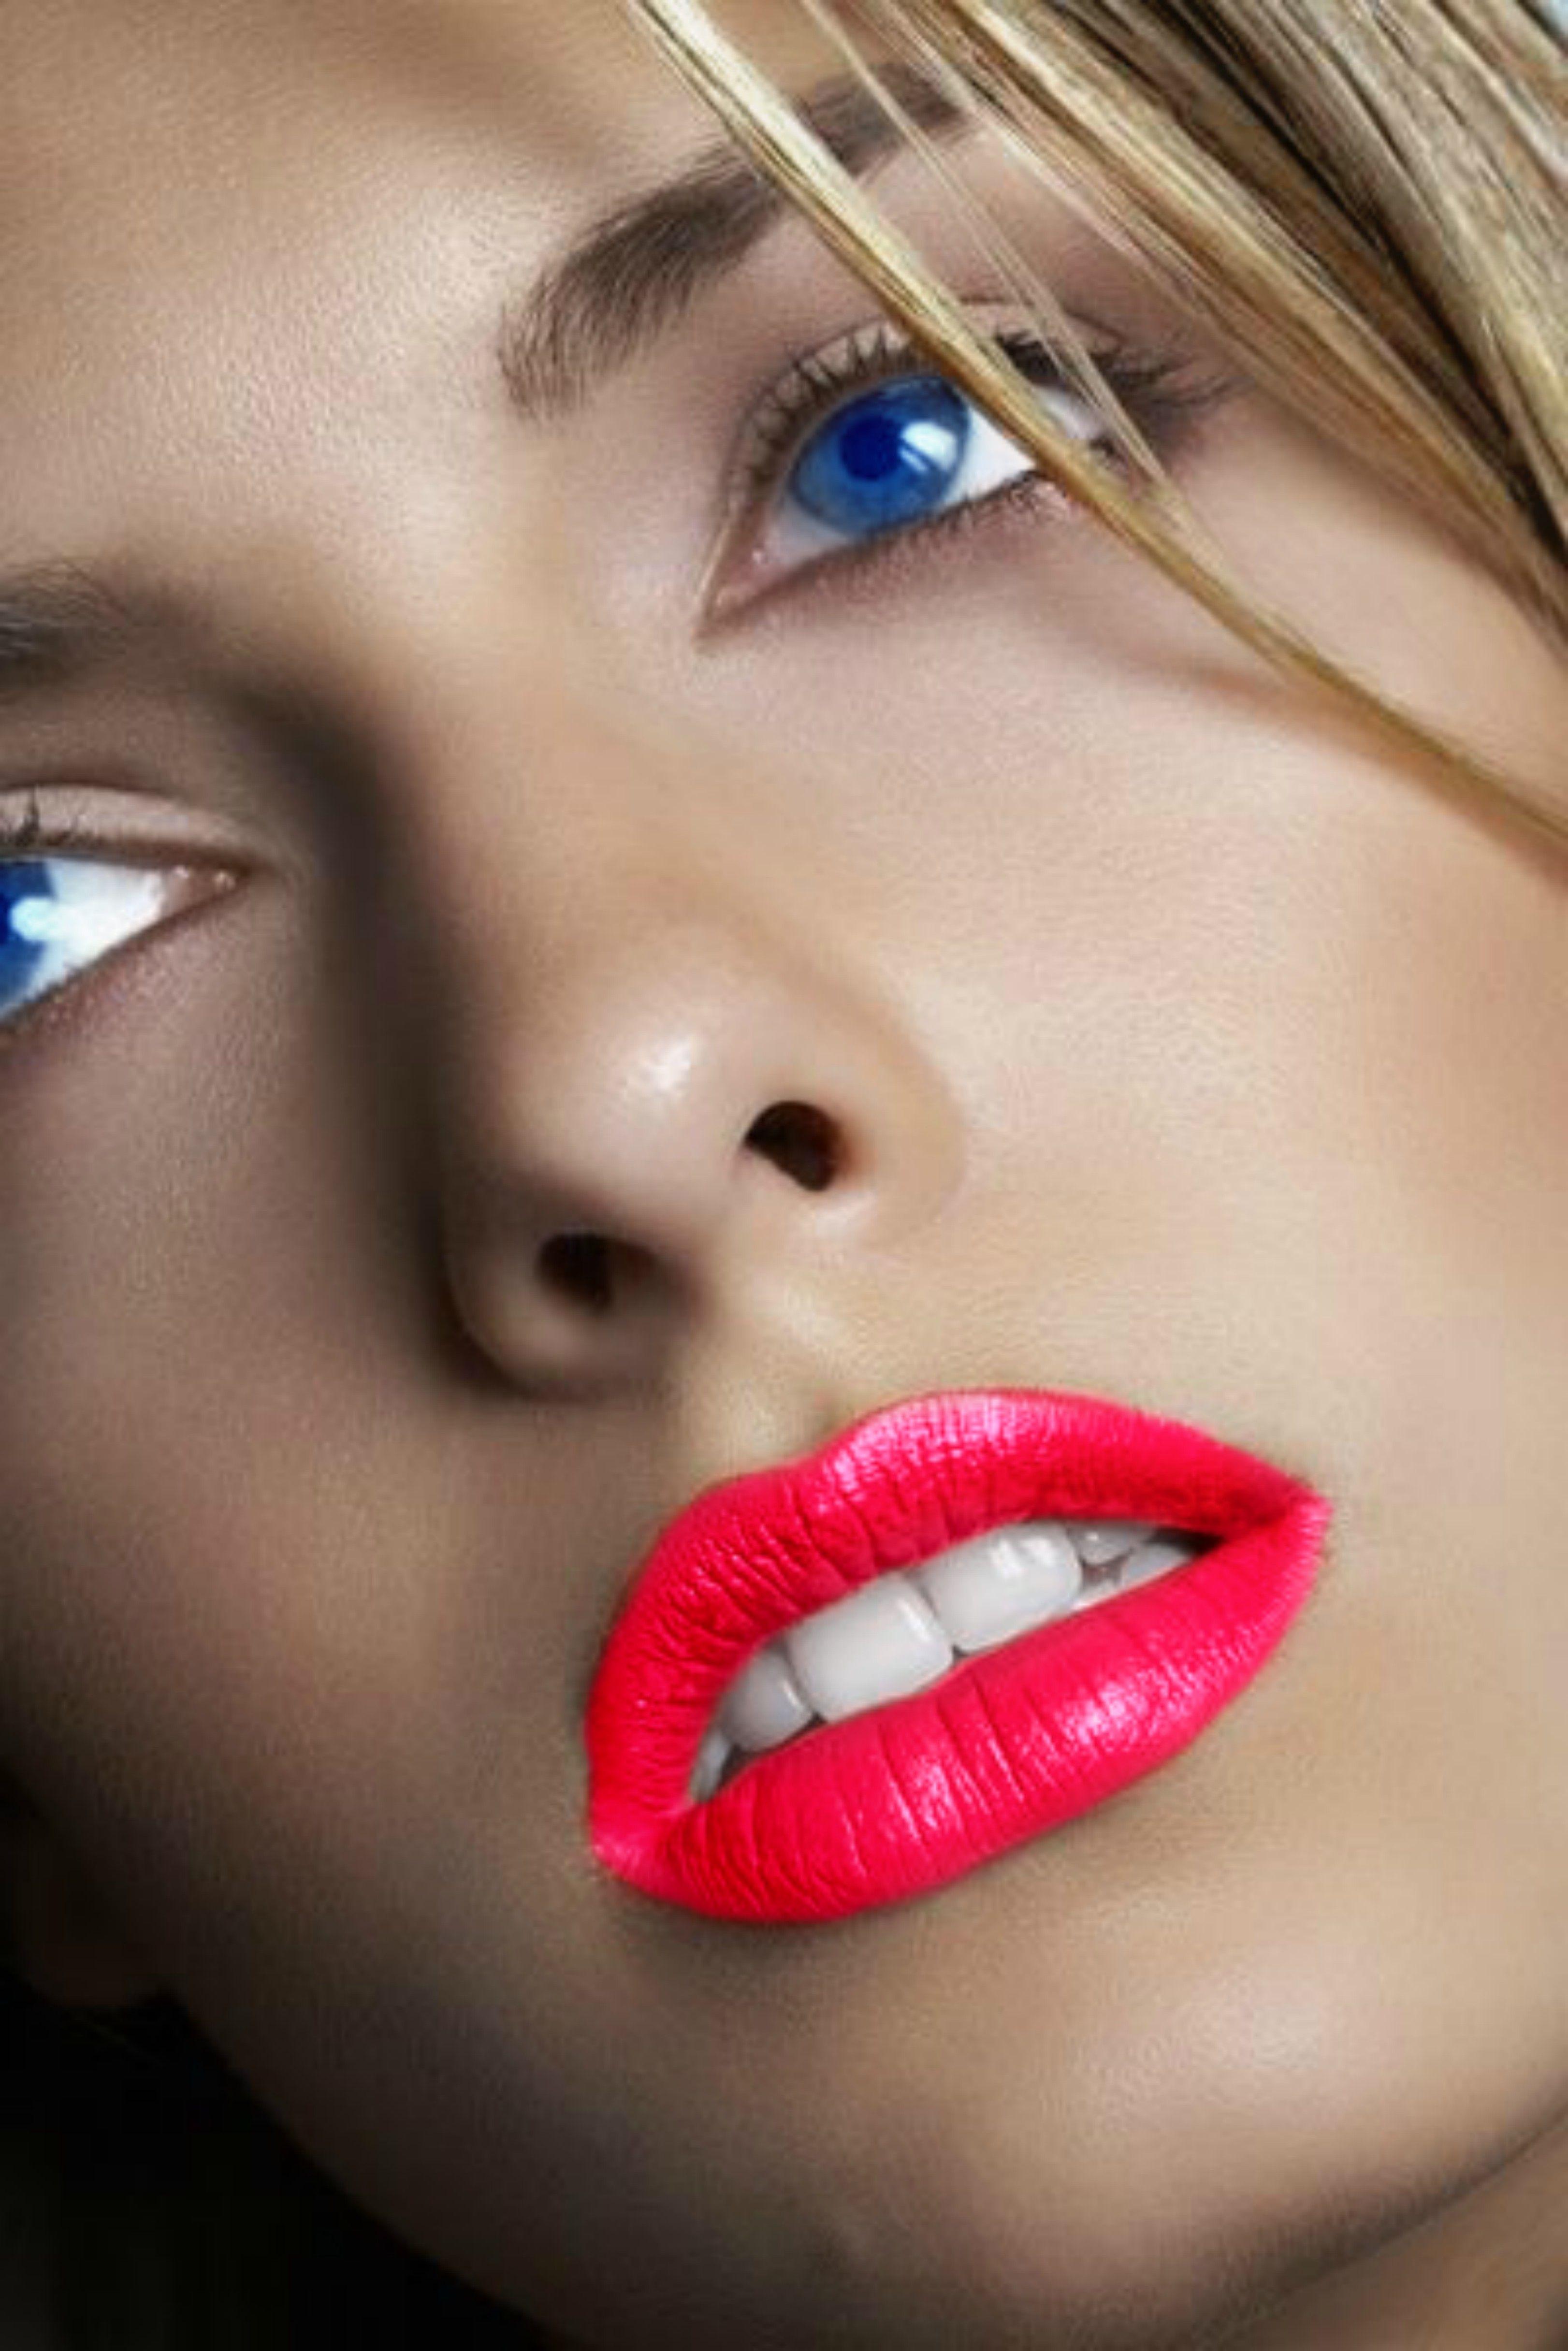 хотя уникальное самые красивые женские губы фото дельфинами, кальмарами, скумбрией